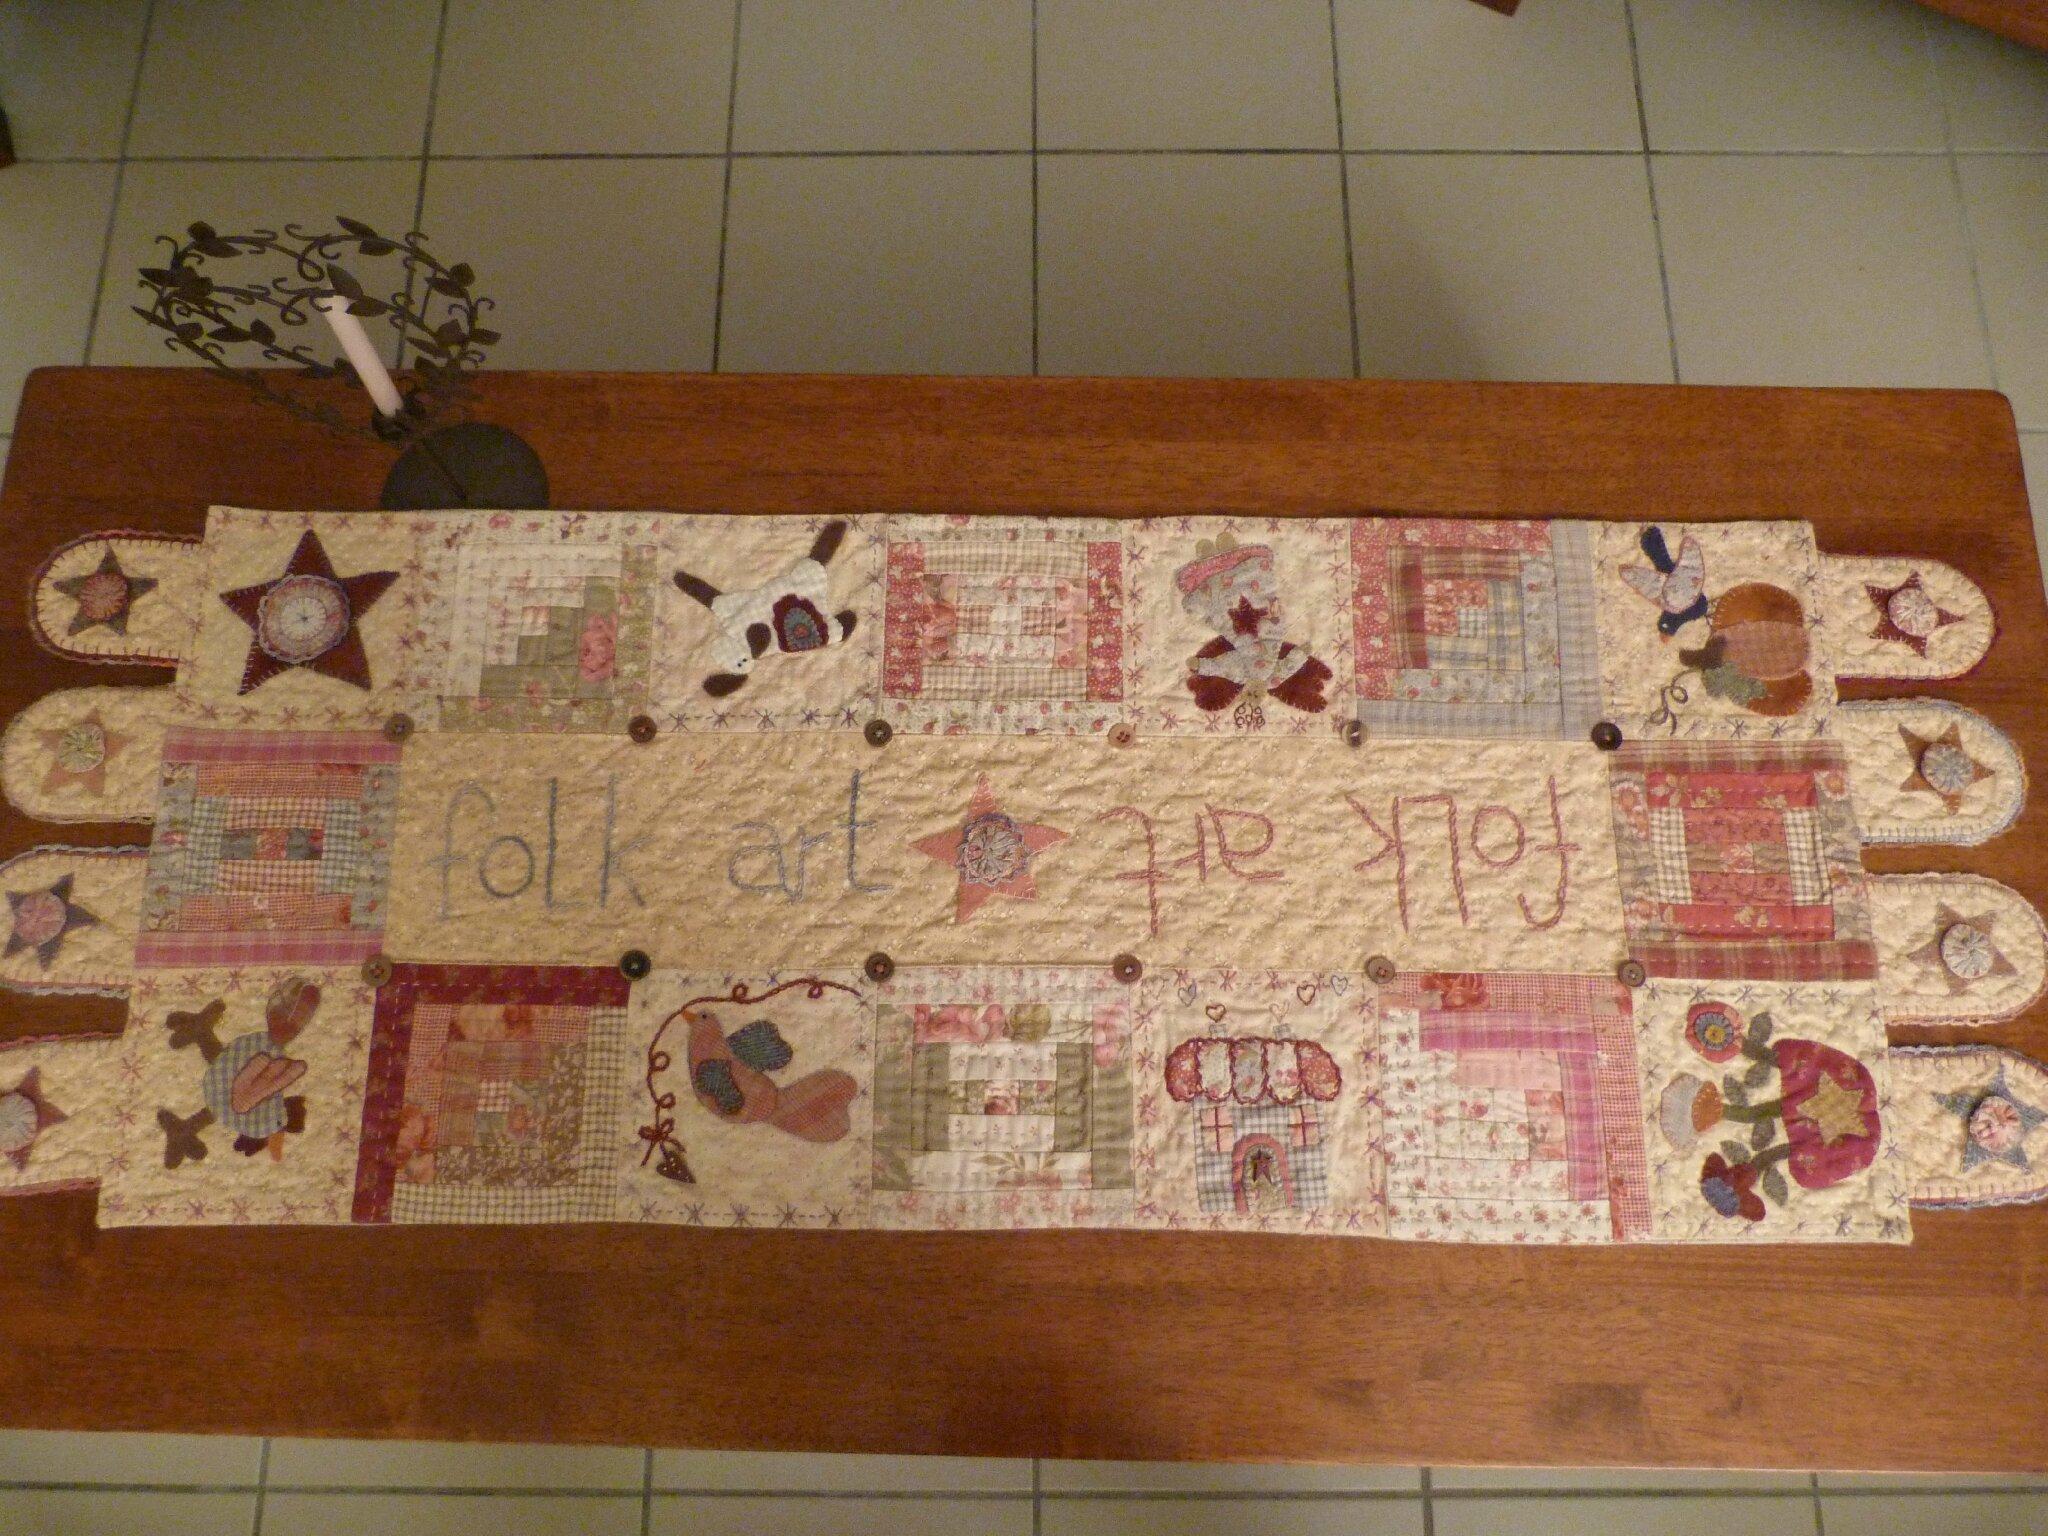 Le chemin de table 30 photos isa country quilt - Chemin de table en patchwork ...